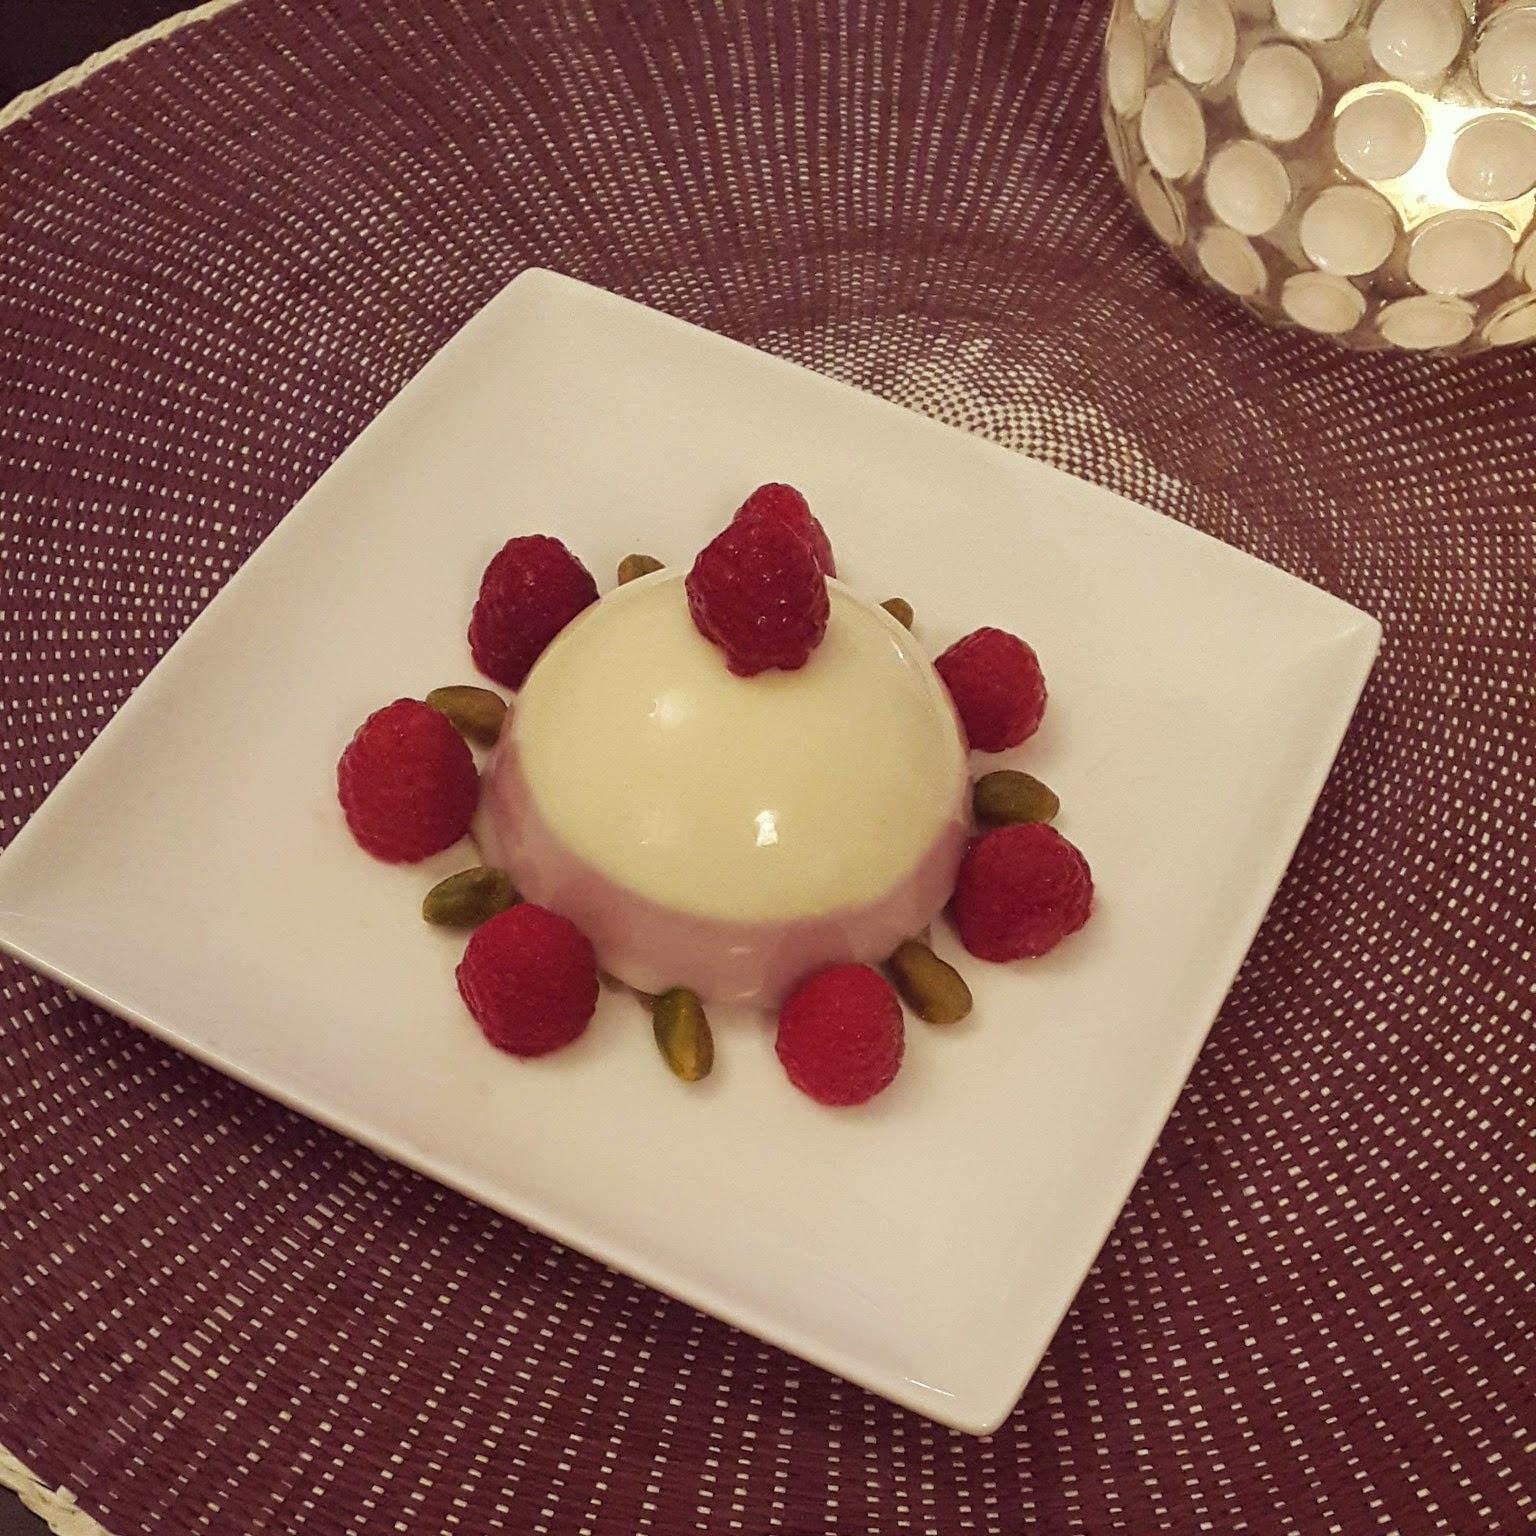 dessert mousse de fruit 28 images mousse de fruits rouges ma maison d 233 pice verrines 224. Black Bedroom Furniture Sets. Home Design Ideas